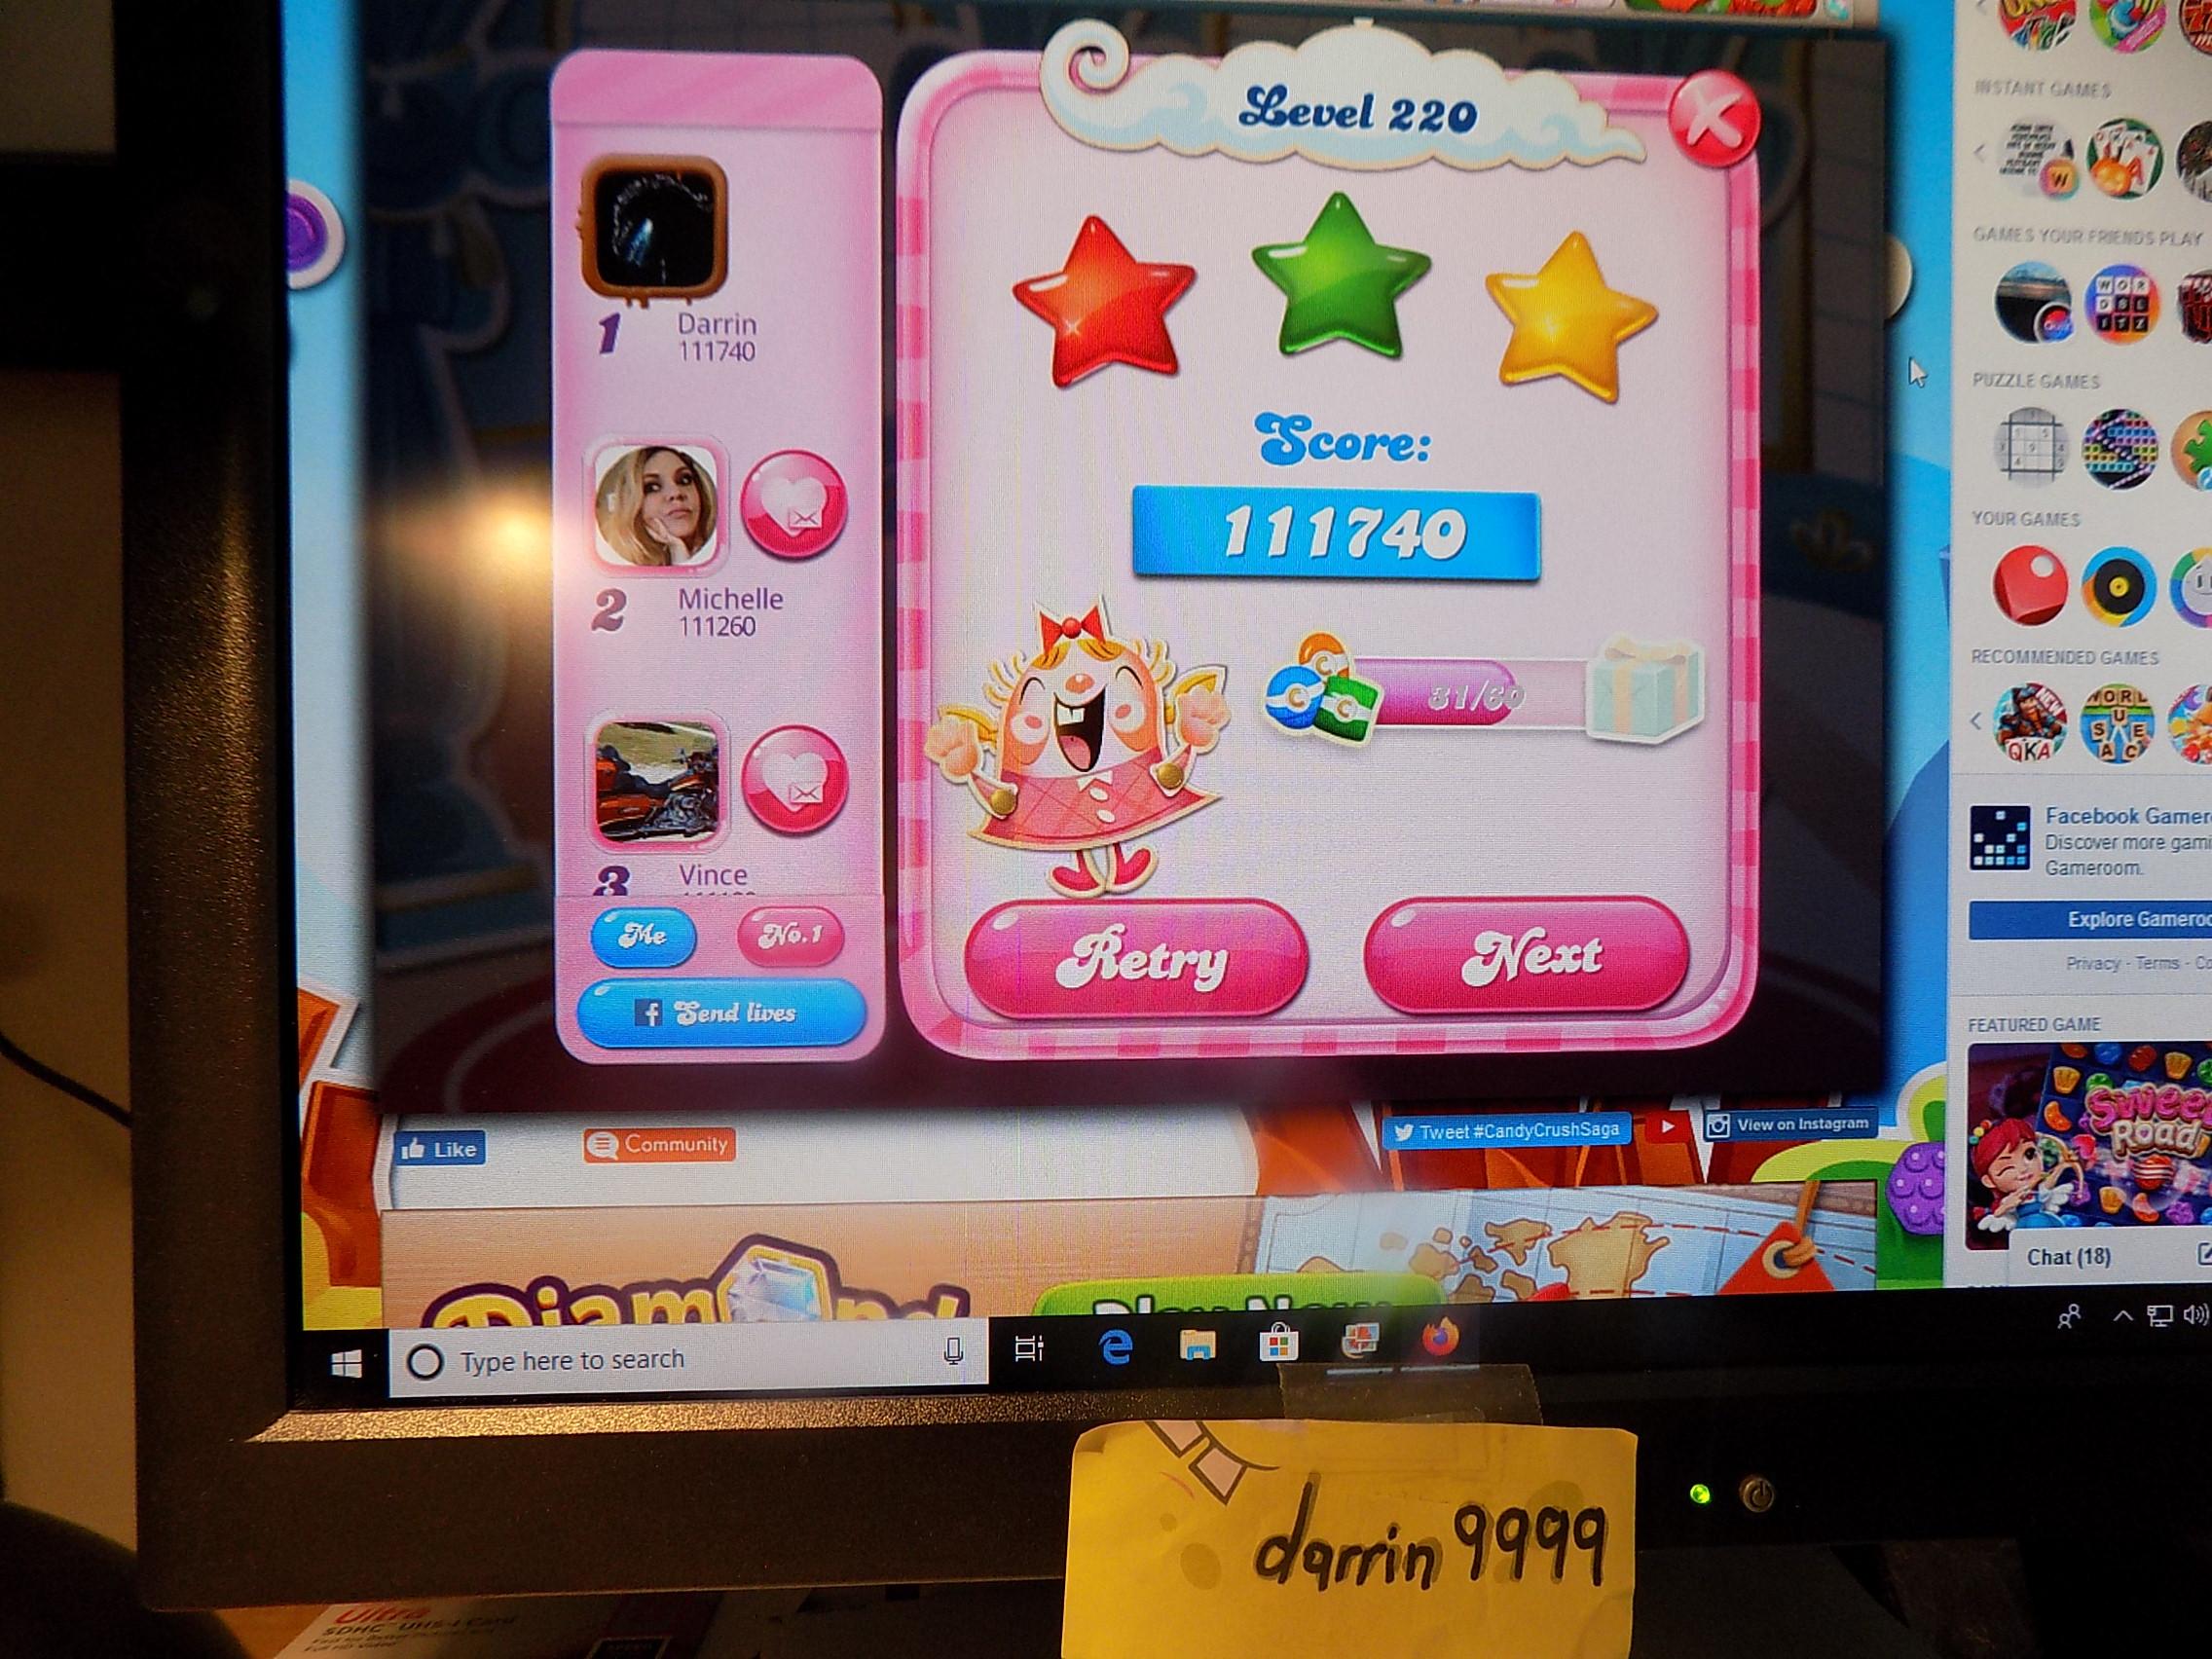 darrin9999: Candy Crush Saga: Level 220 (Web) 111,740 points on 2019-11-18 06:49:52